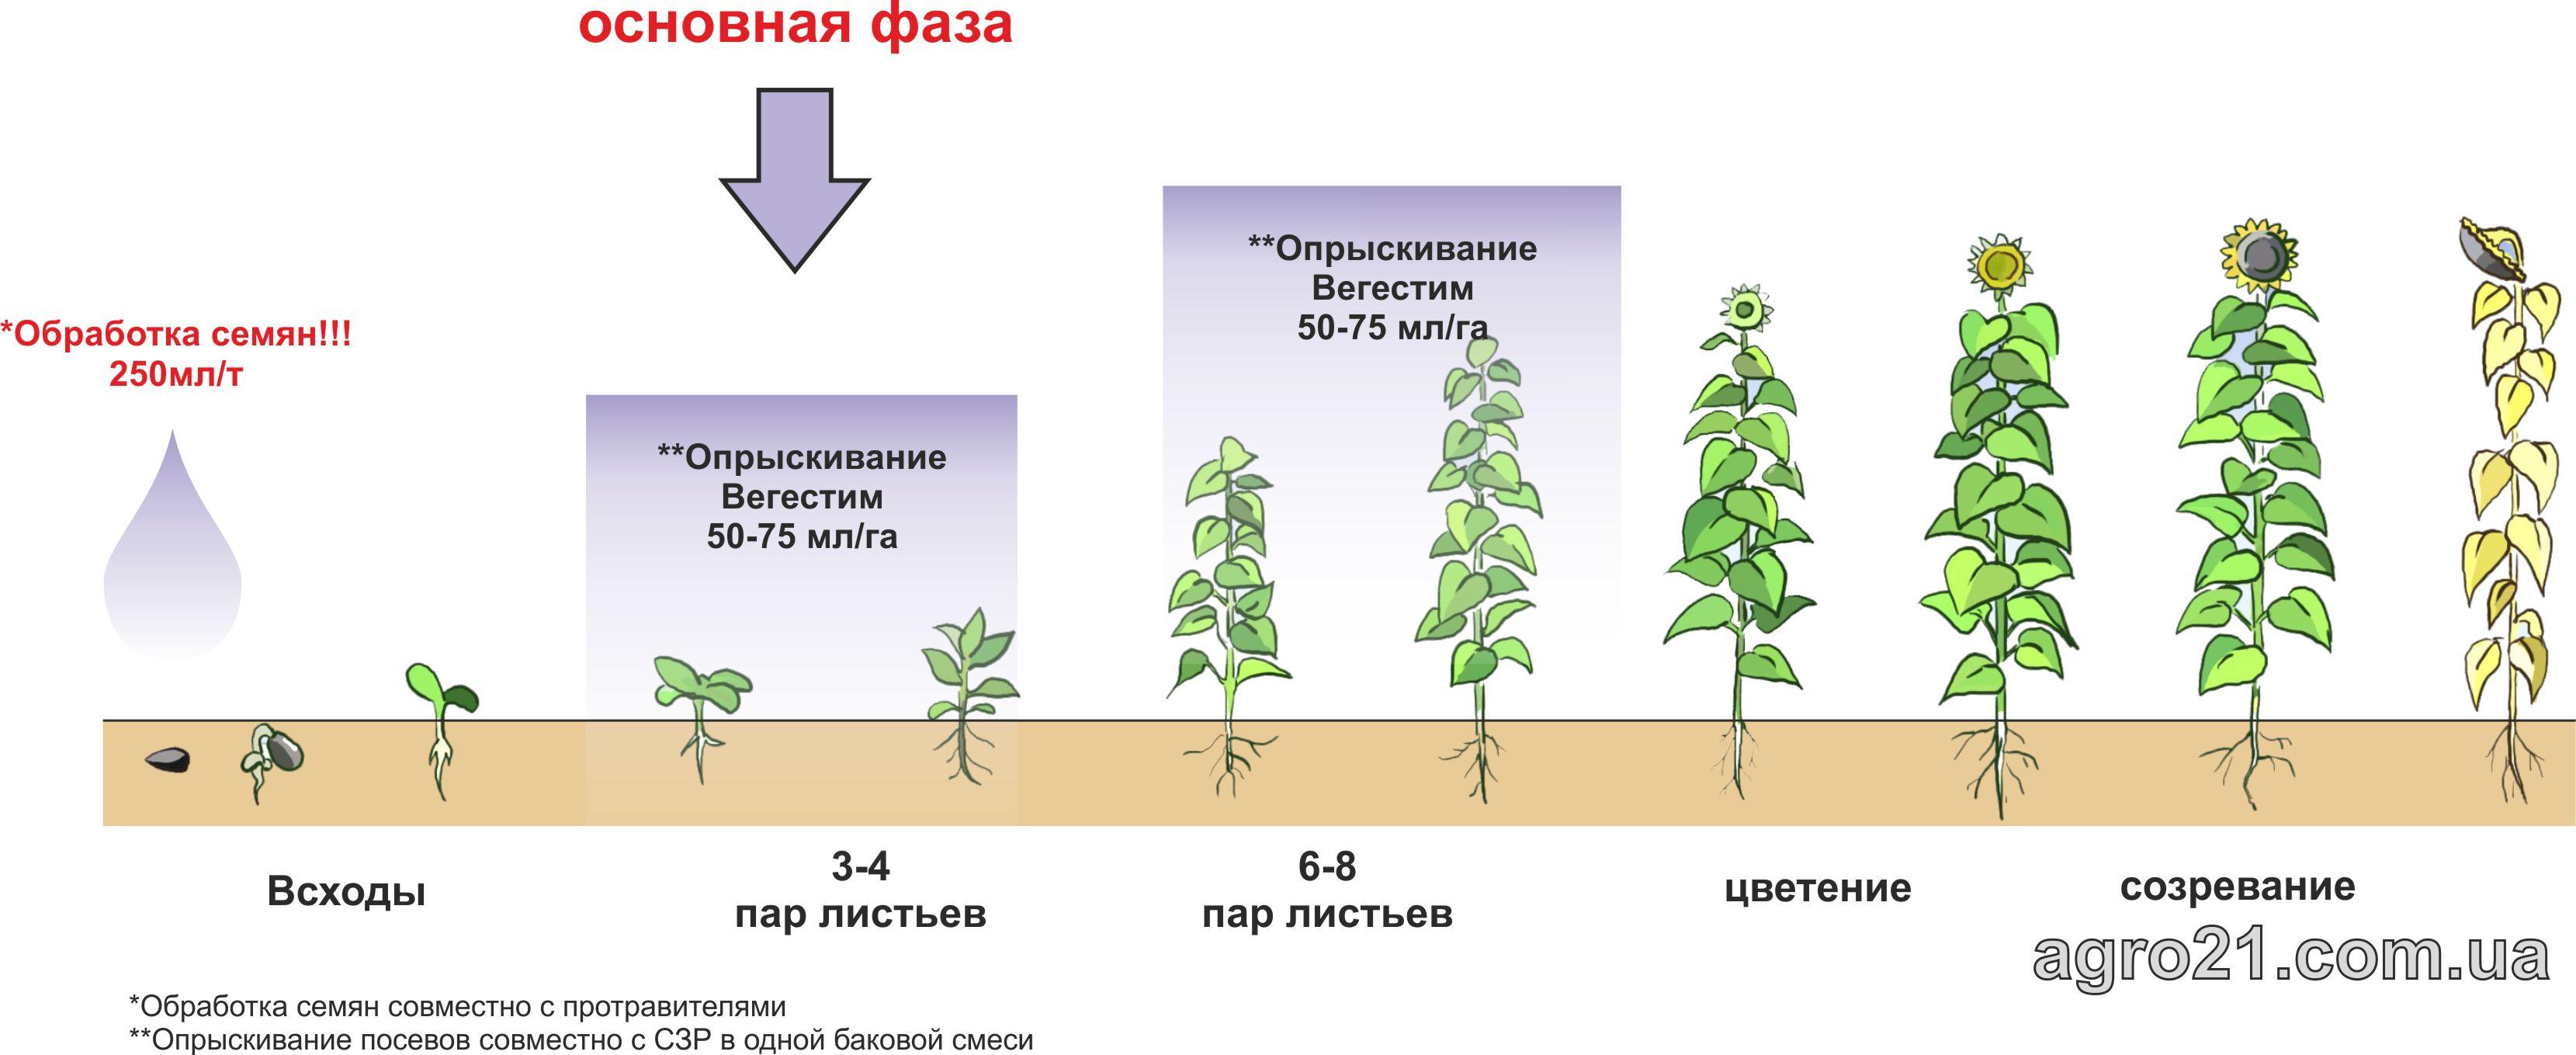 Вегестим. Схема применения стимулятора роста растений на подсолнечнике.